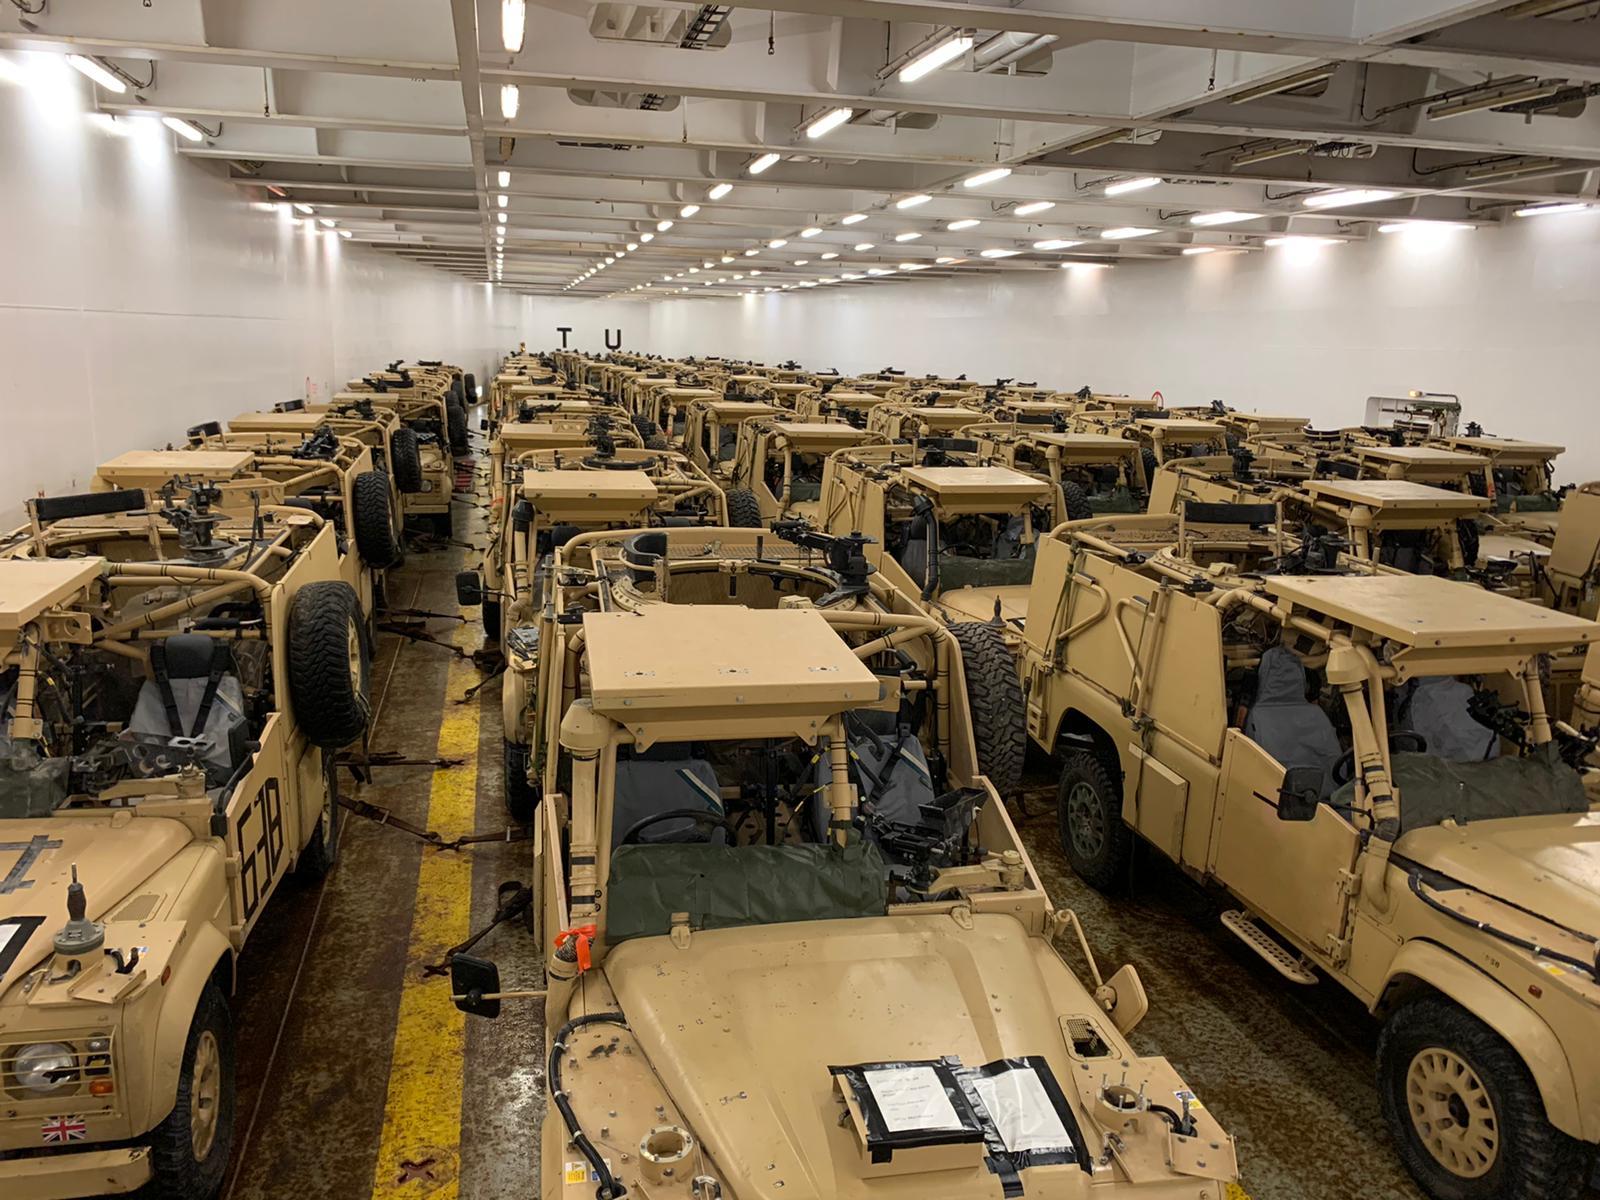 بالصور || بريطانيا تمد الجيش اللبناني بعشرات المدرعات لضبط الحدود مع سوريا